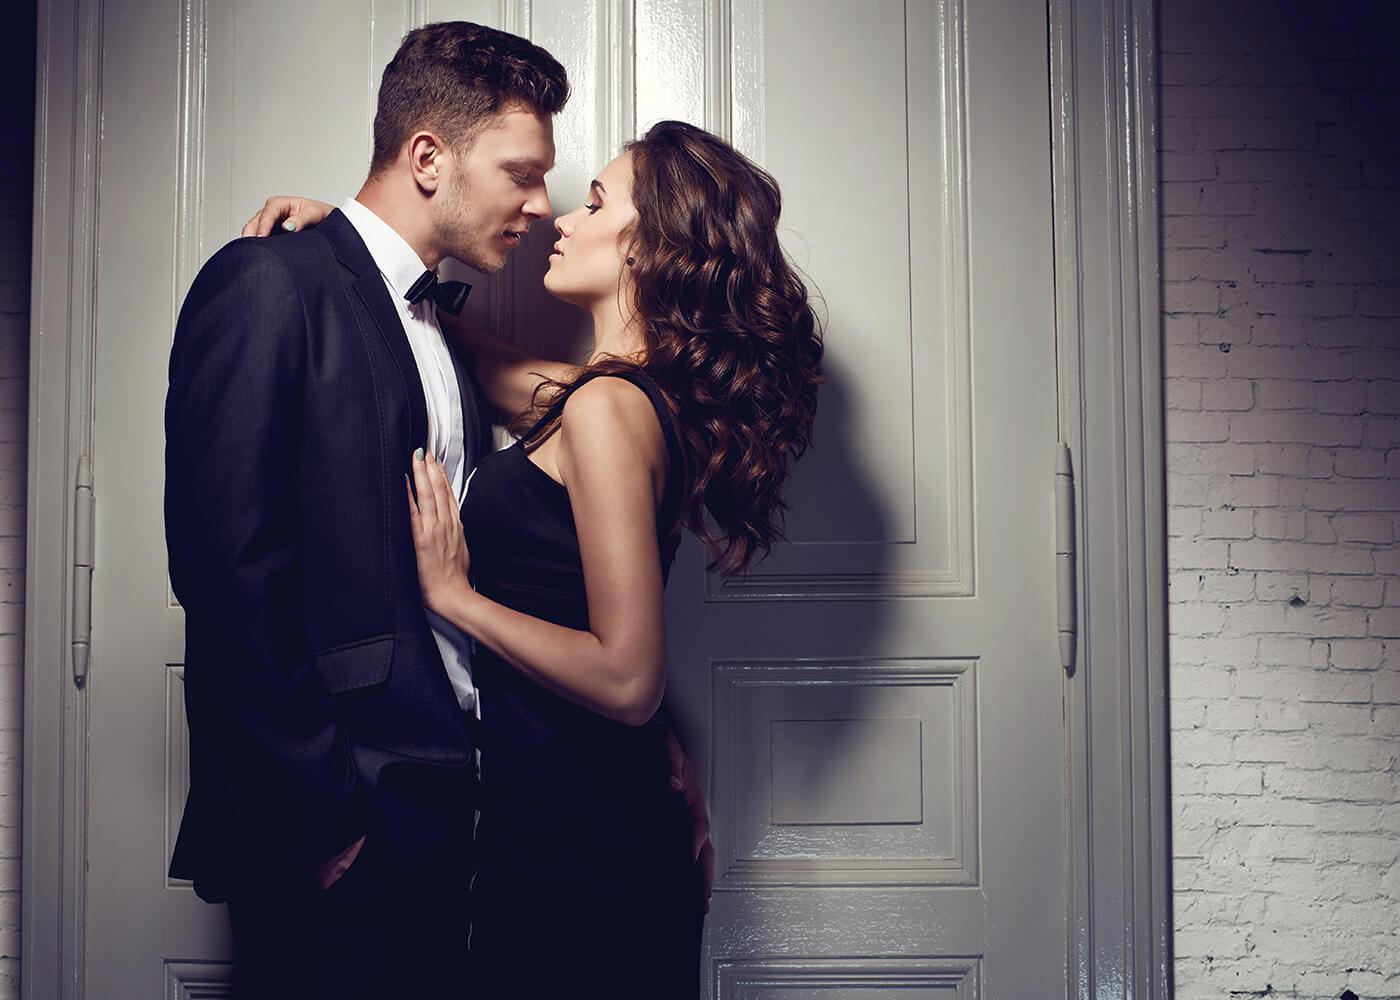 почему нравятся женатые мужчины